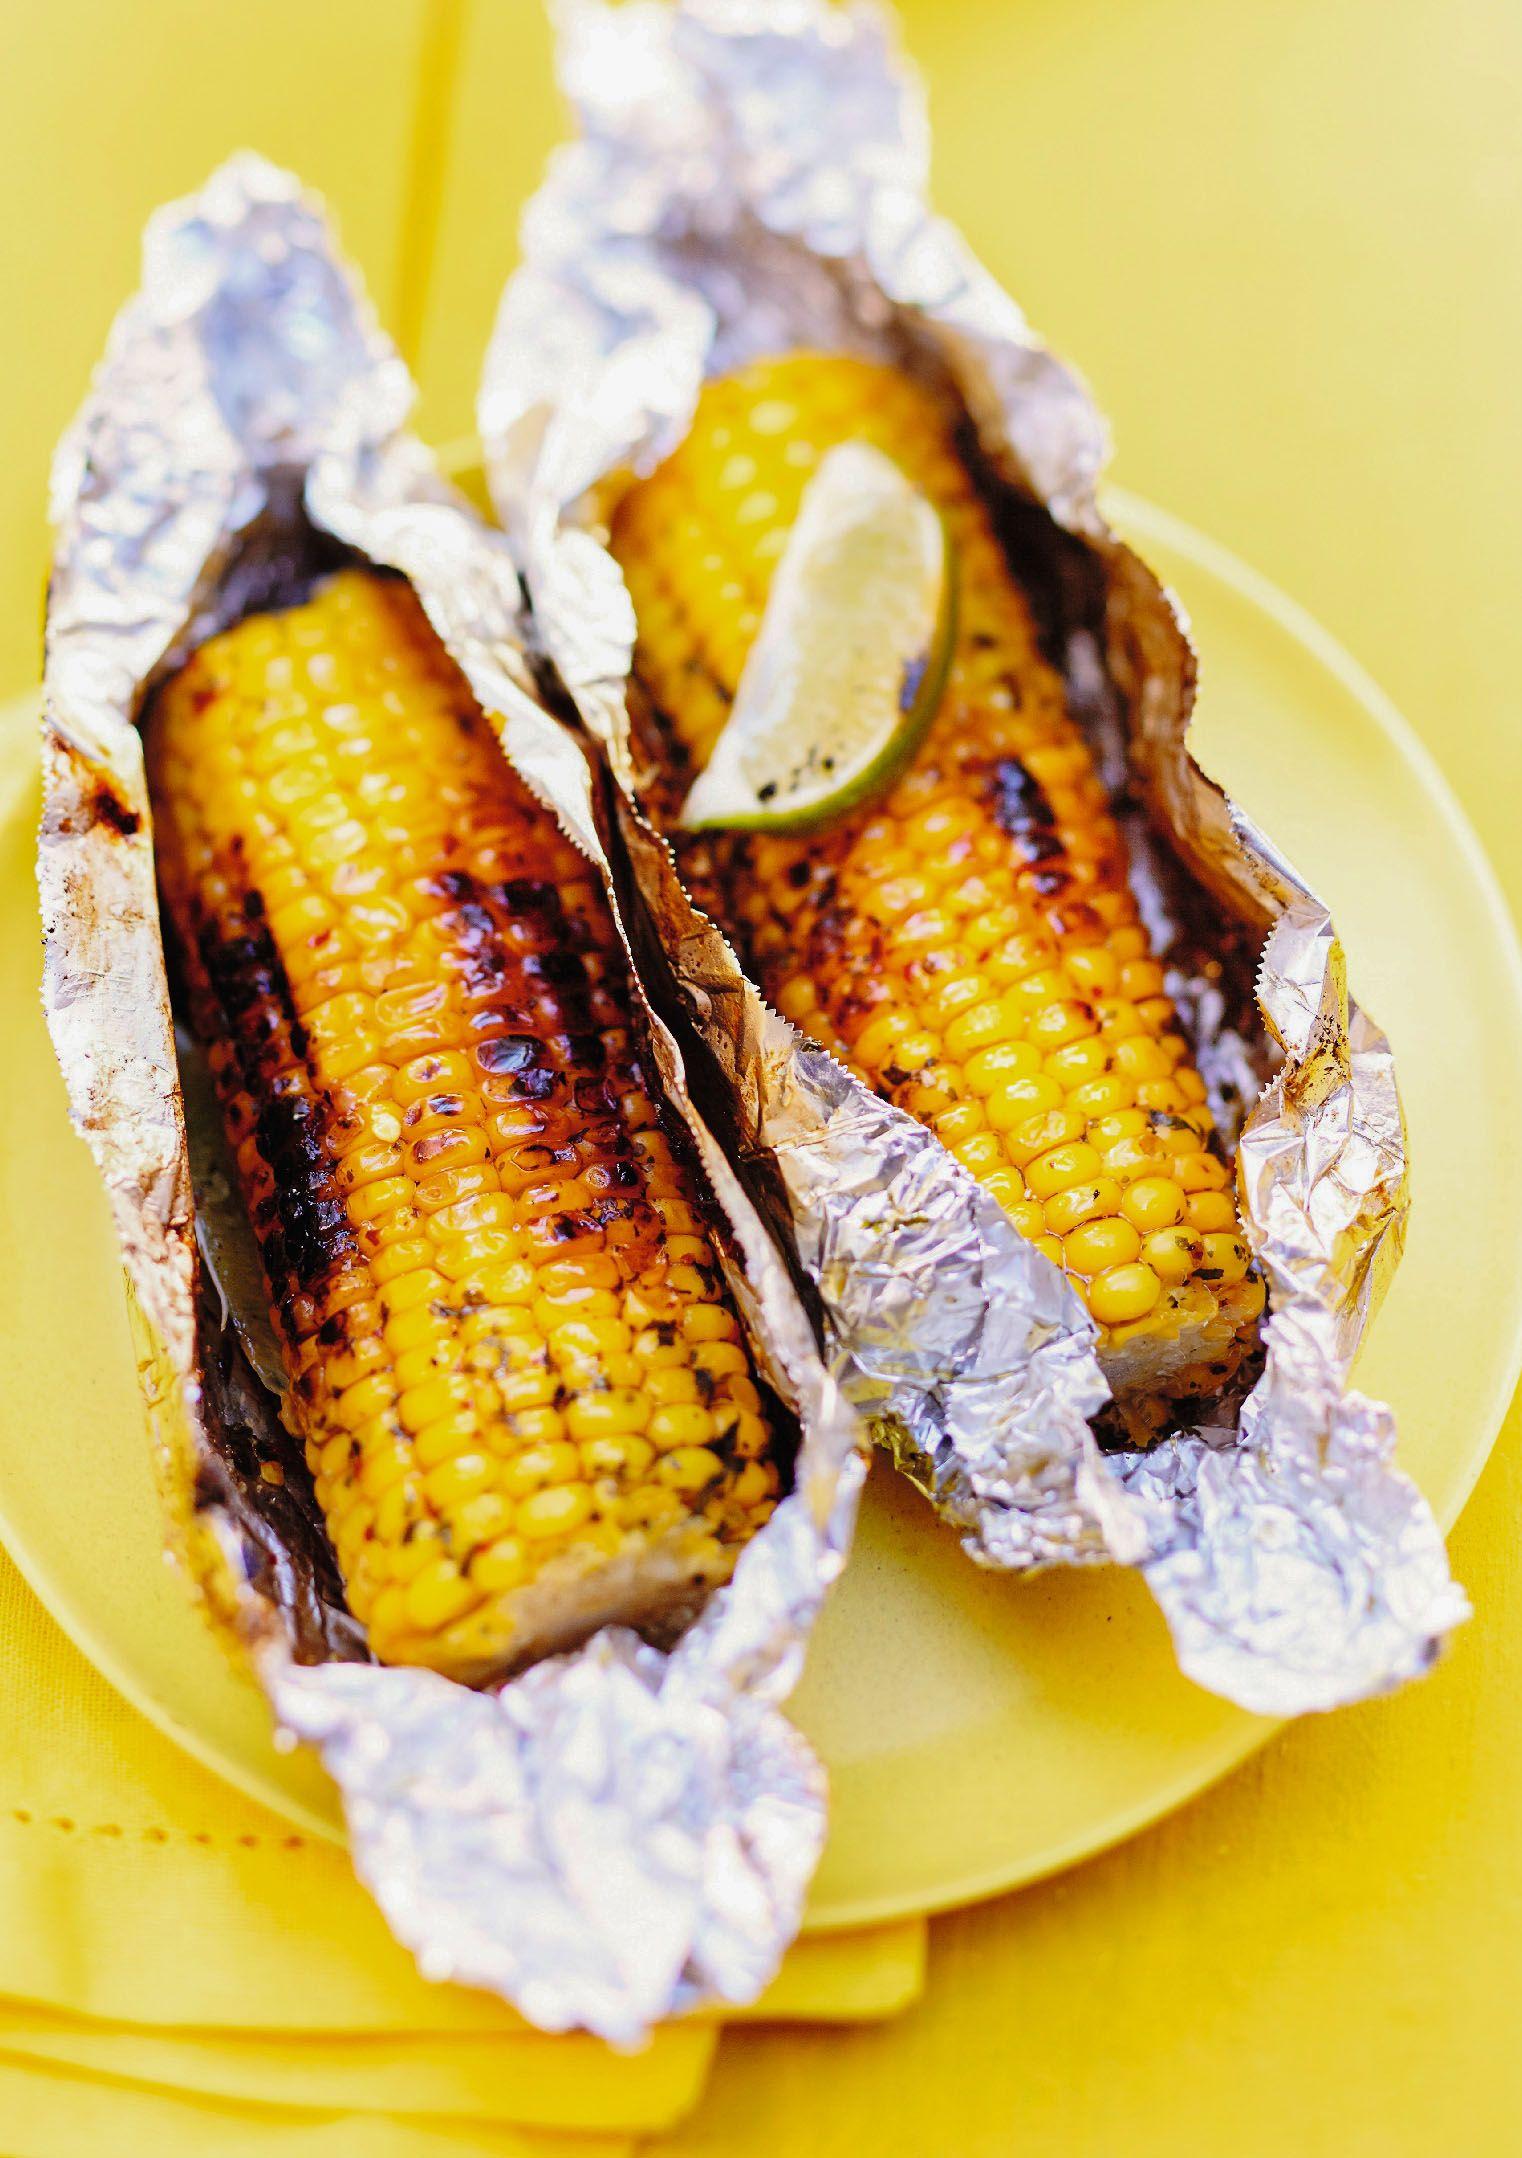 recette epis de maïs au beurre de menthe, citron vert et piment d